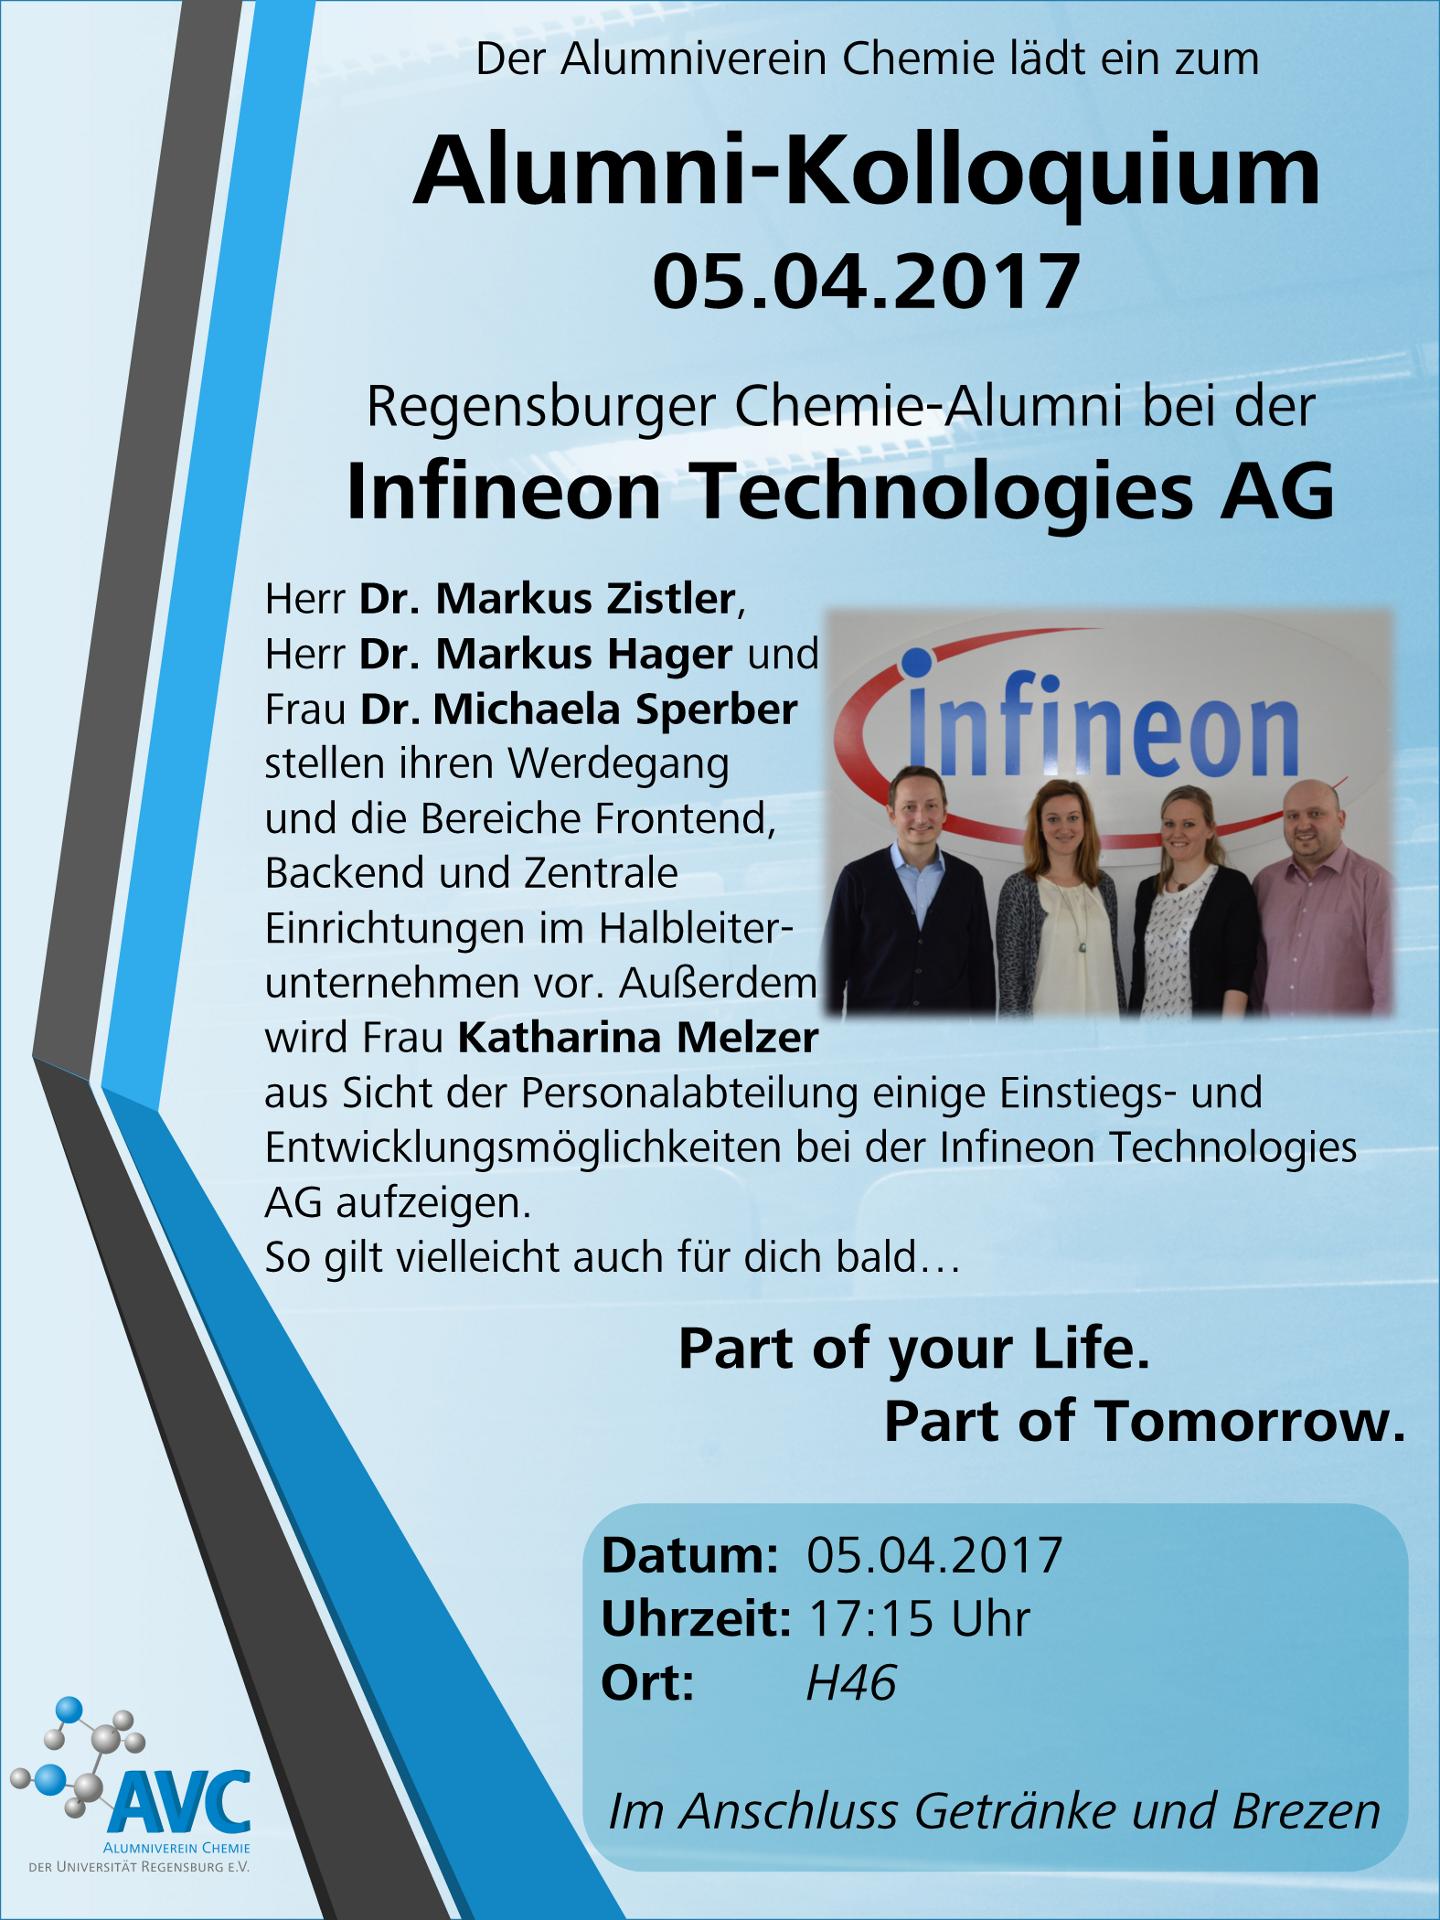 Alumnikolloquium 2017 AVC Regensburg